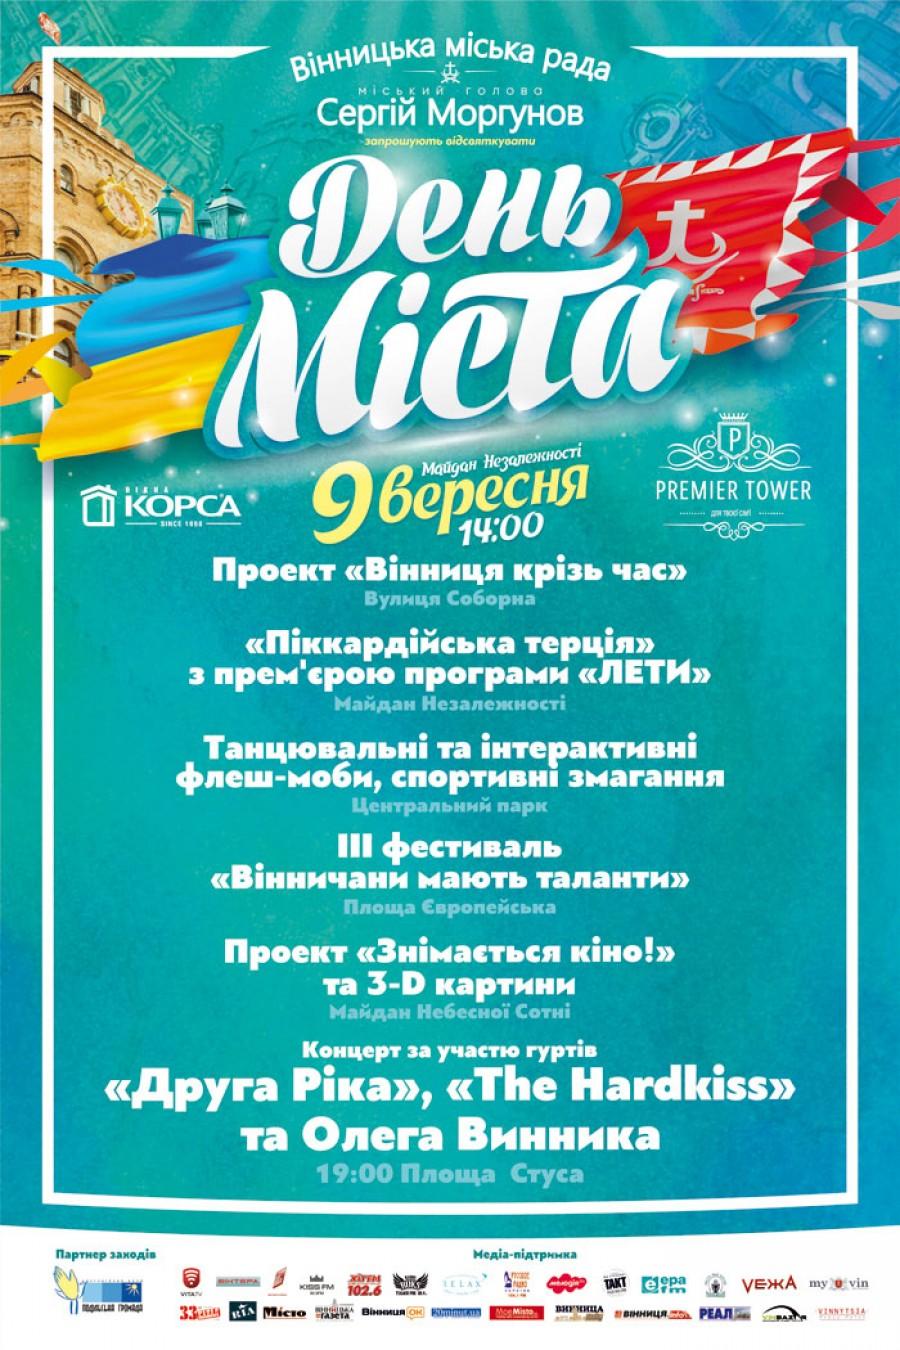 Програма святкування дня міста Вінниці 9 вересня 2017 року